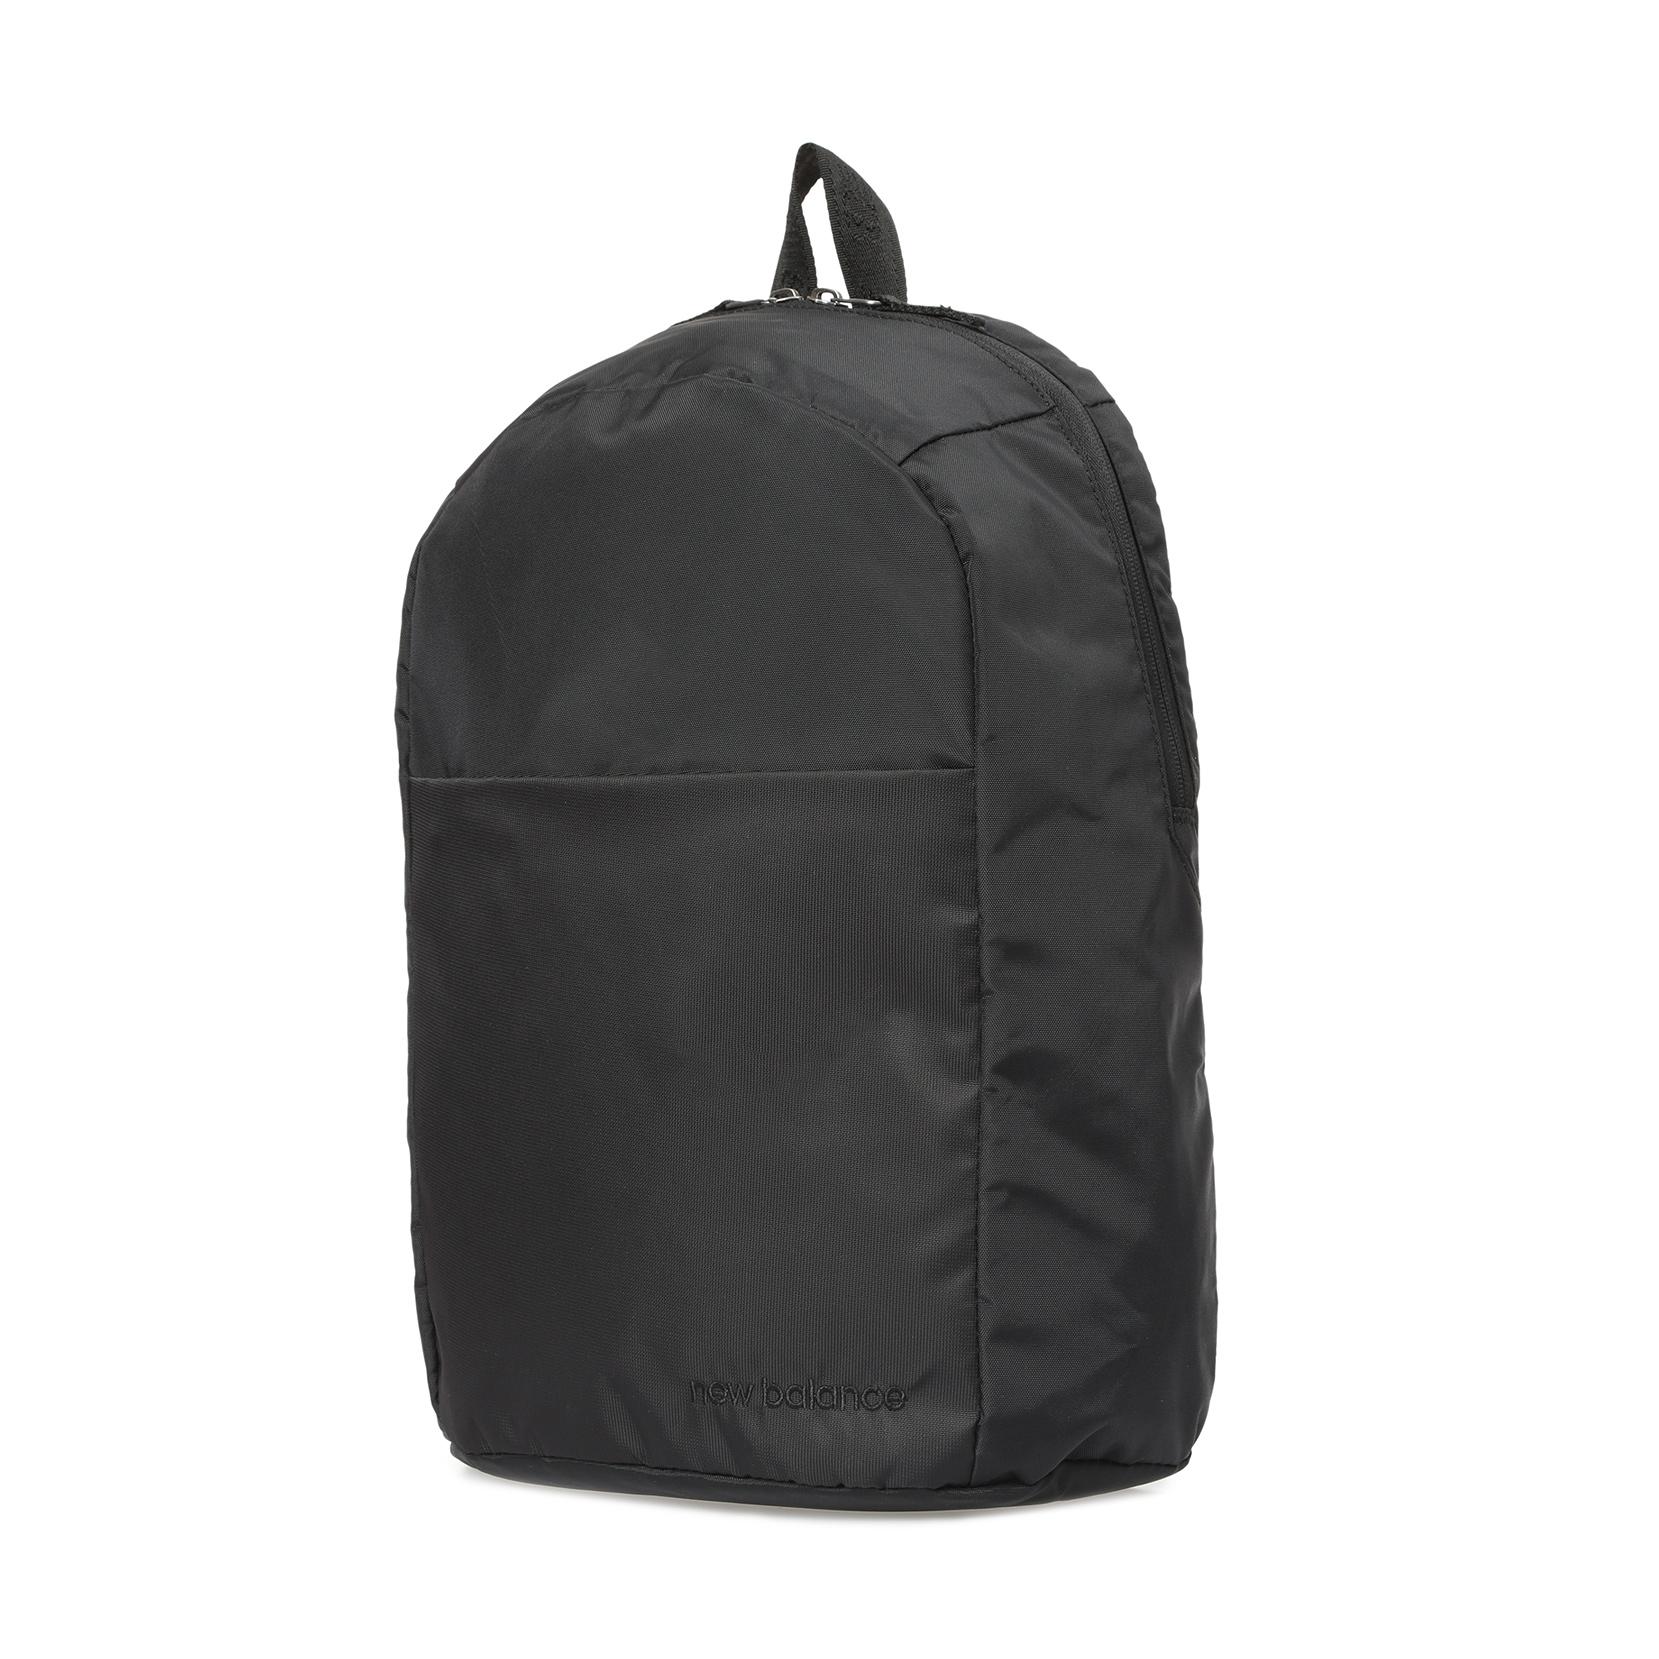 Рюкзак LSA City Backpack LAB91038BK | New Balance